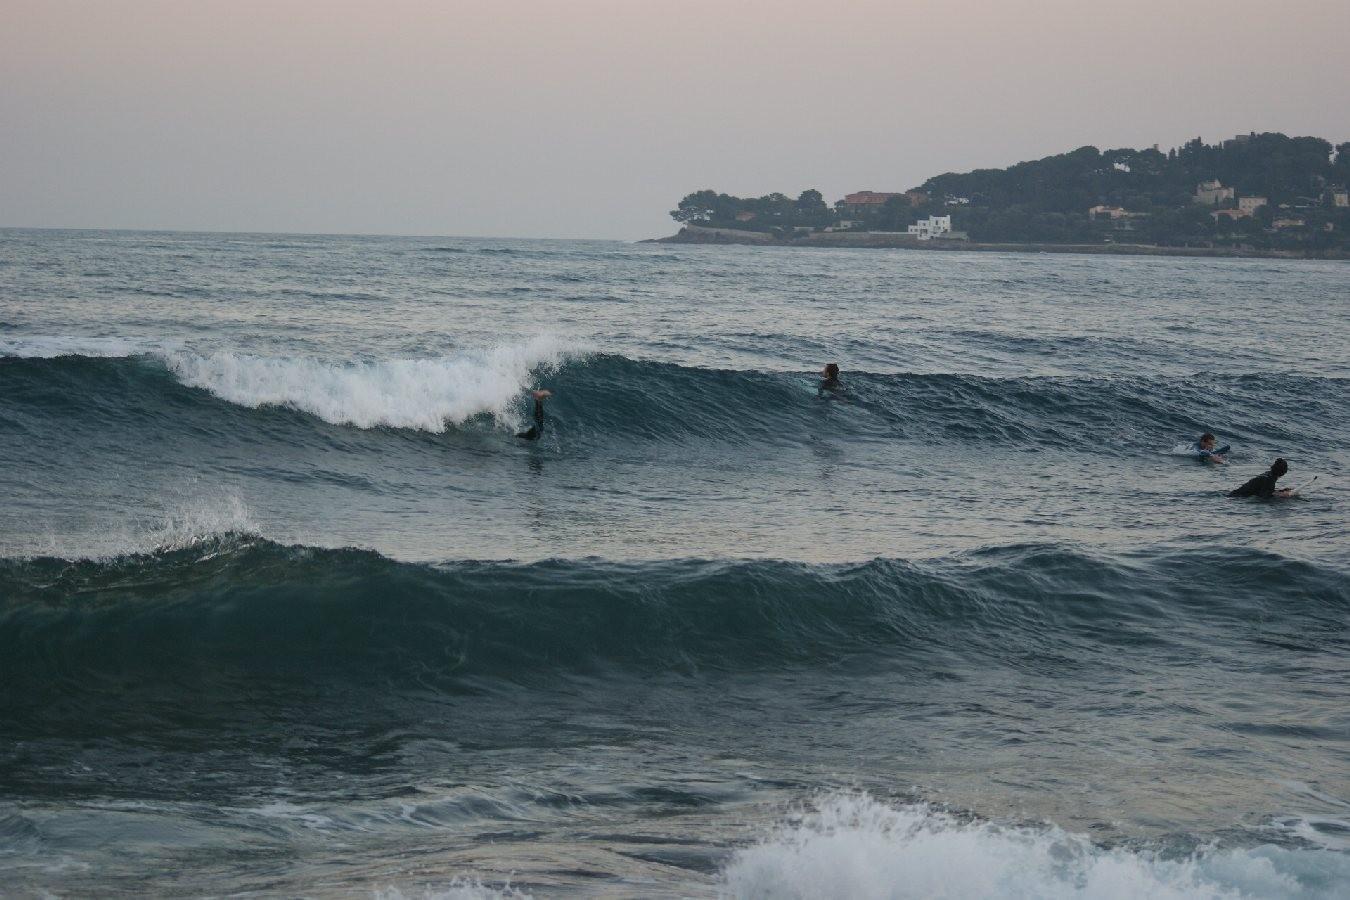 Surf report beaulieu sur mer niven 06 du 2013 03 02 14 00 00 - Meteo beaulieu sur mer ...